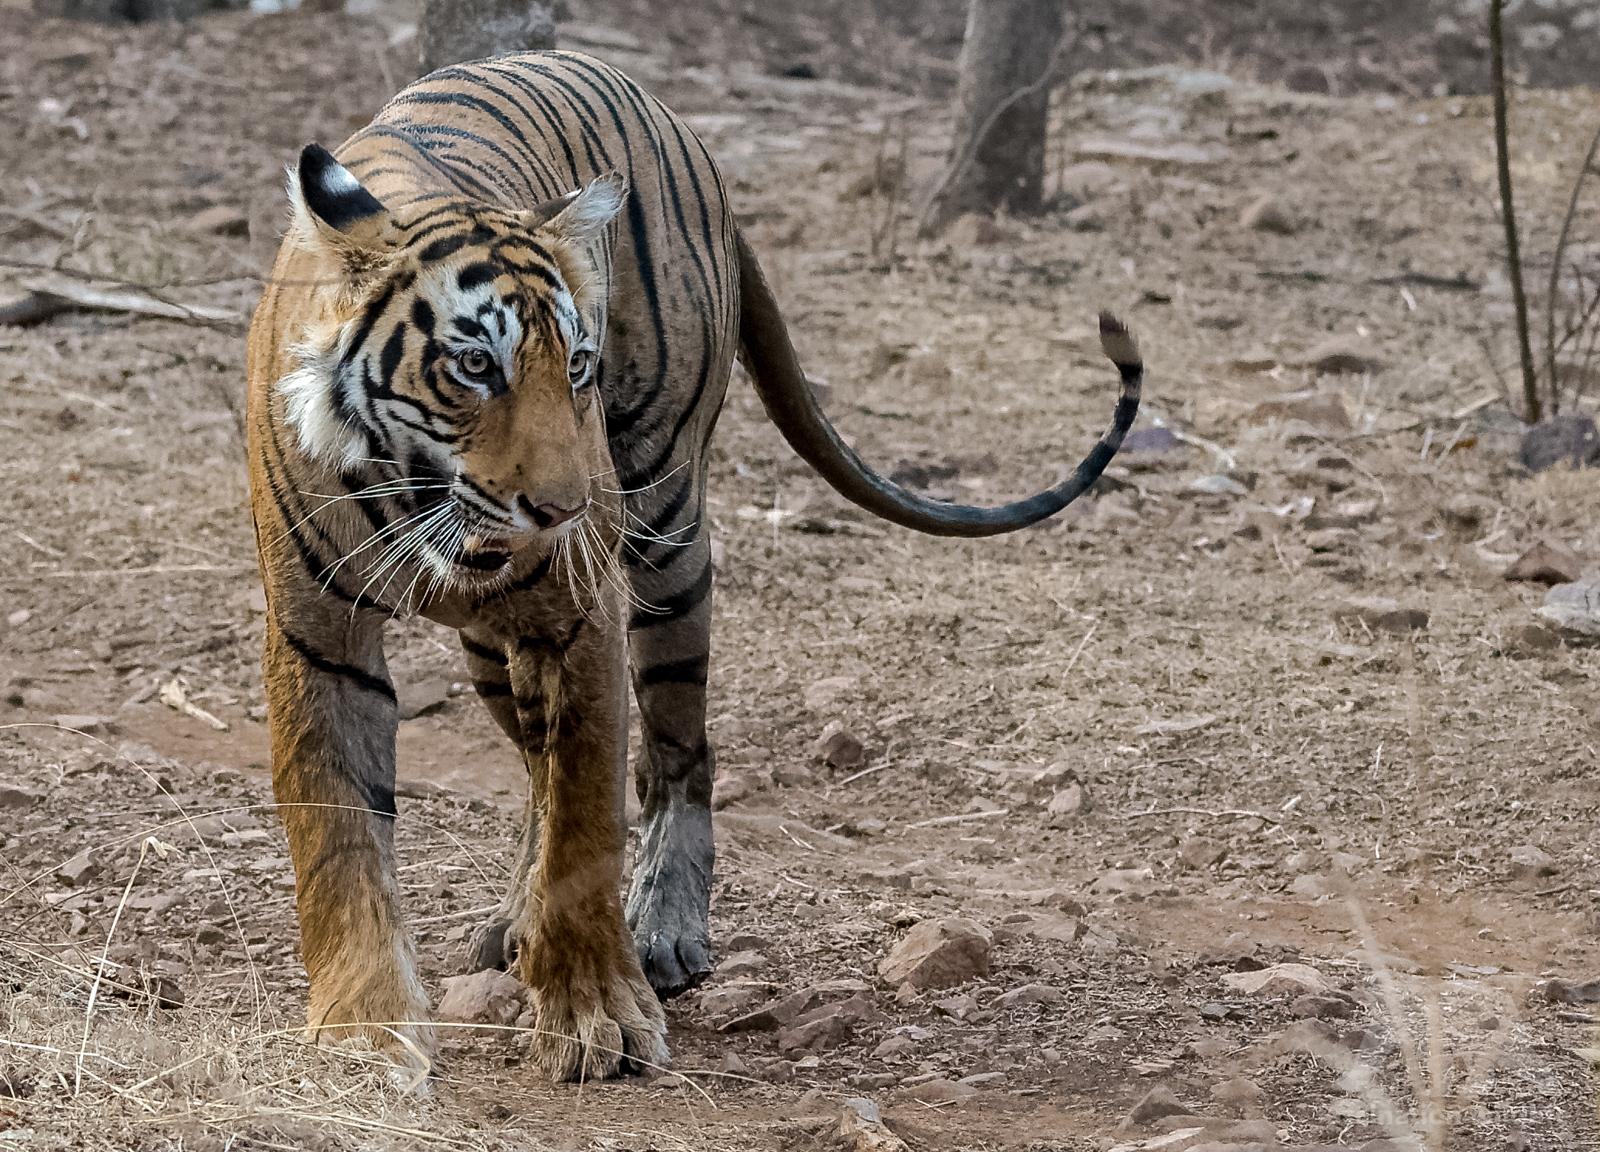 wildIndia9502_DxO